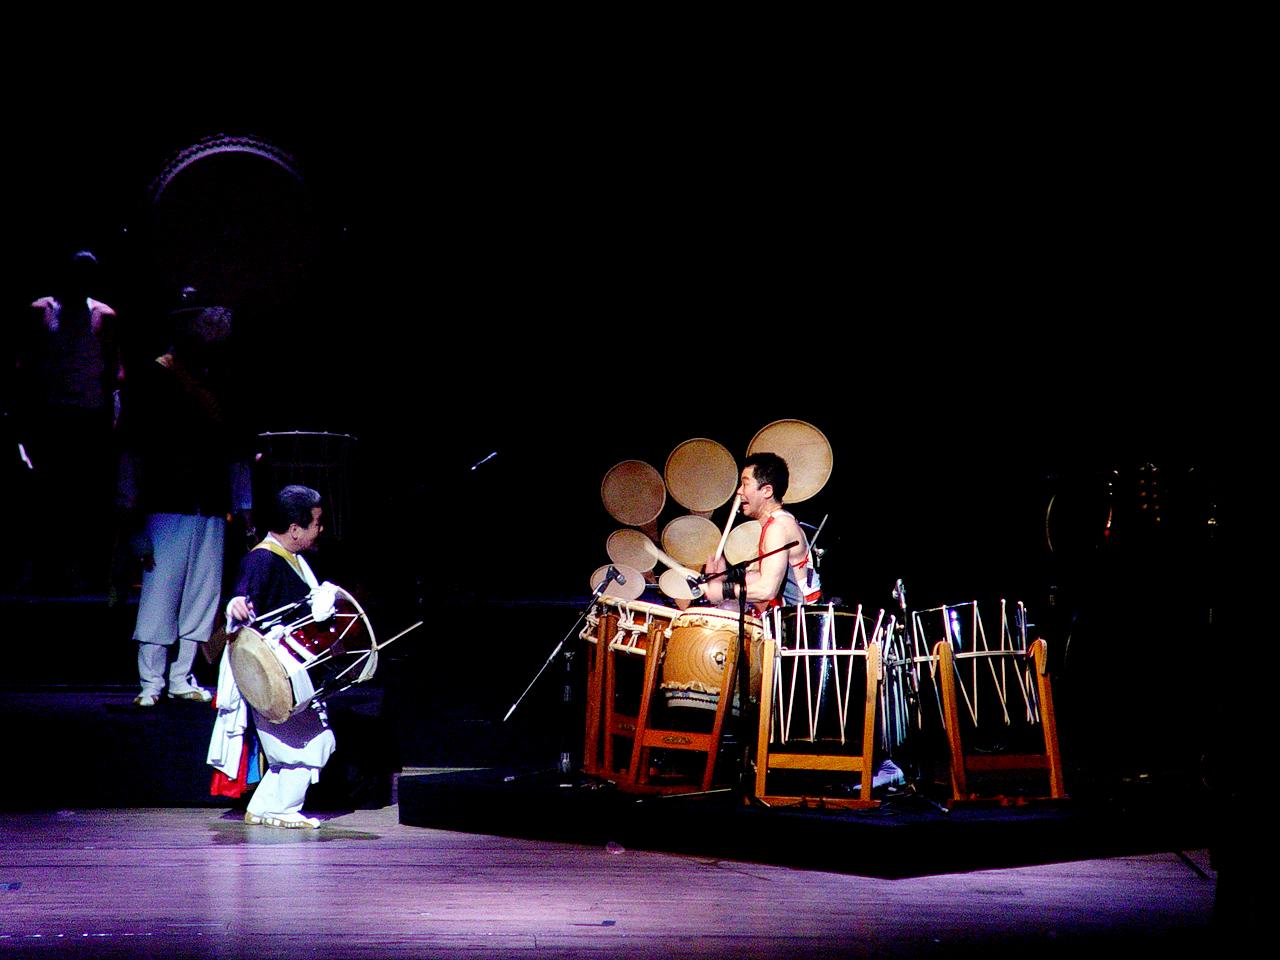 김덕수와 하야시 에데스 2002년국립극장한일음악제